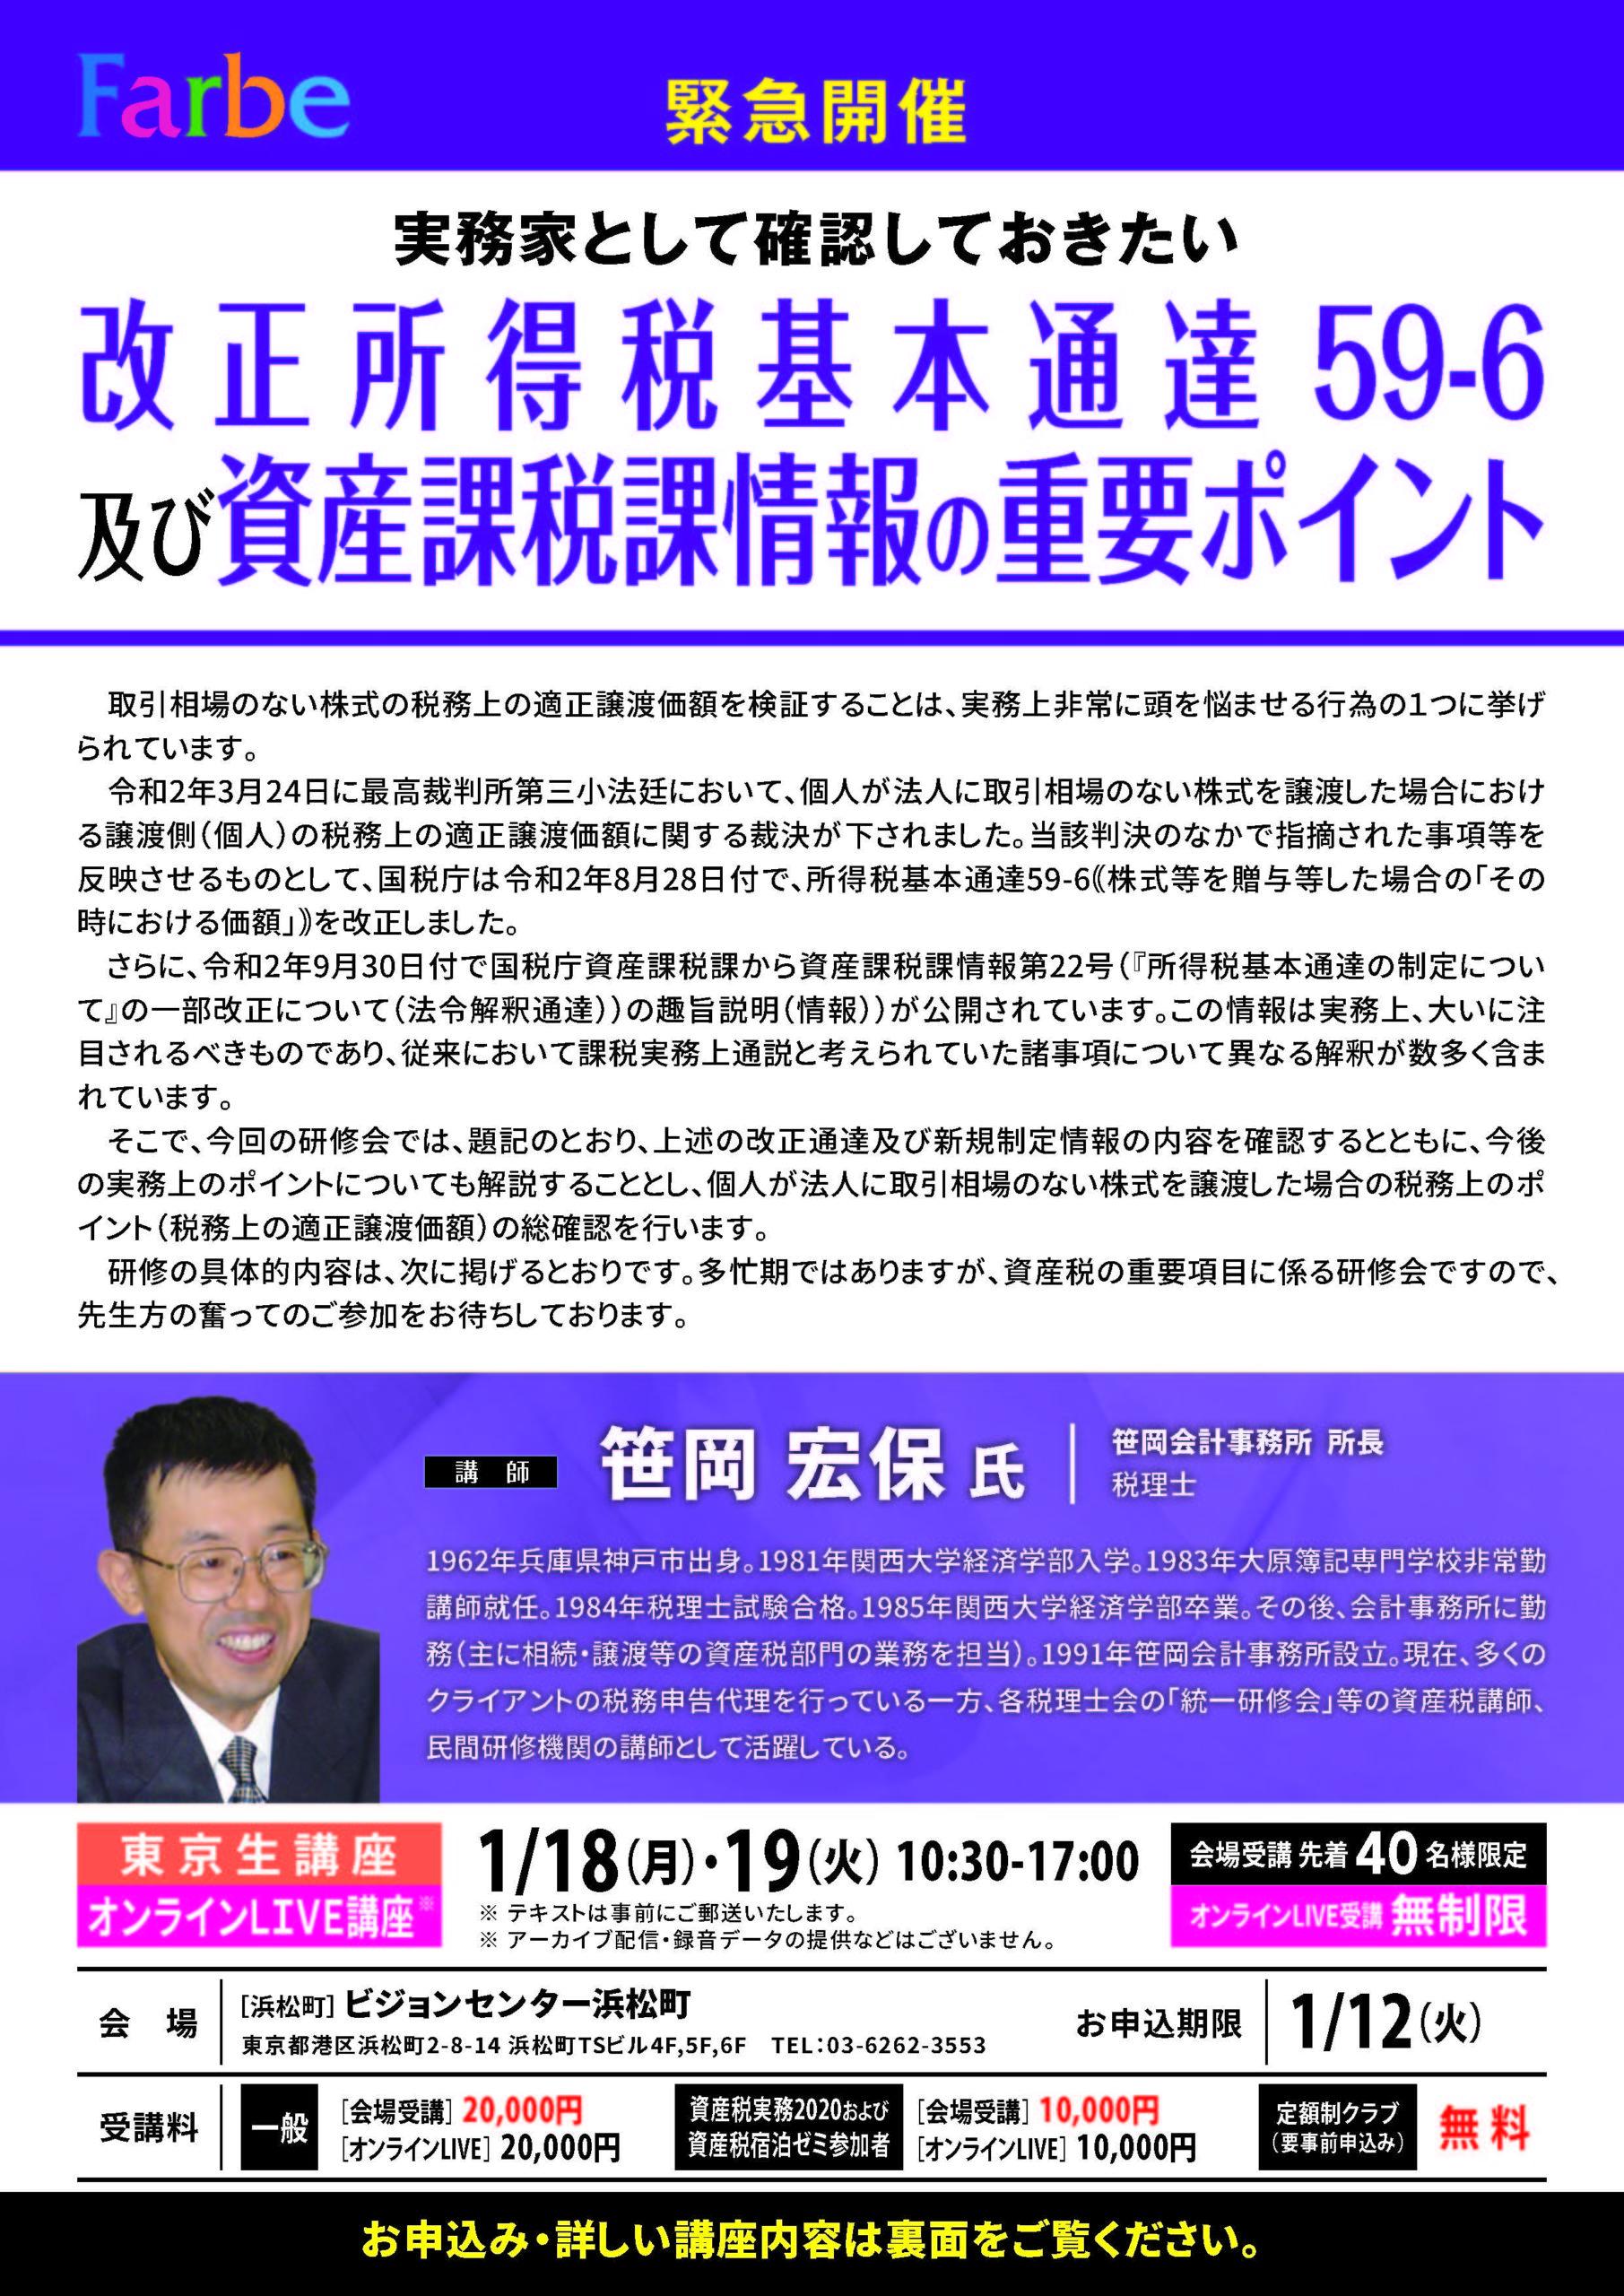 緊急開催 笹岡宏保税理士